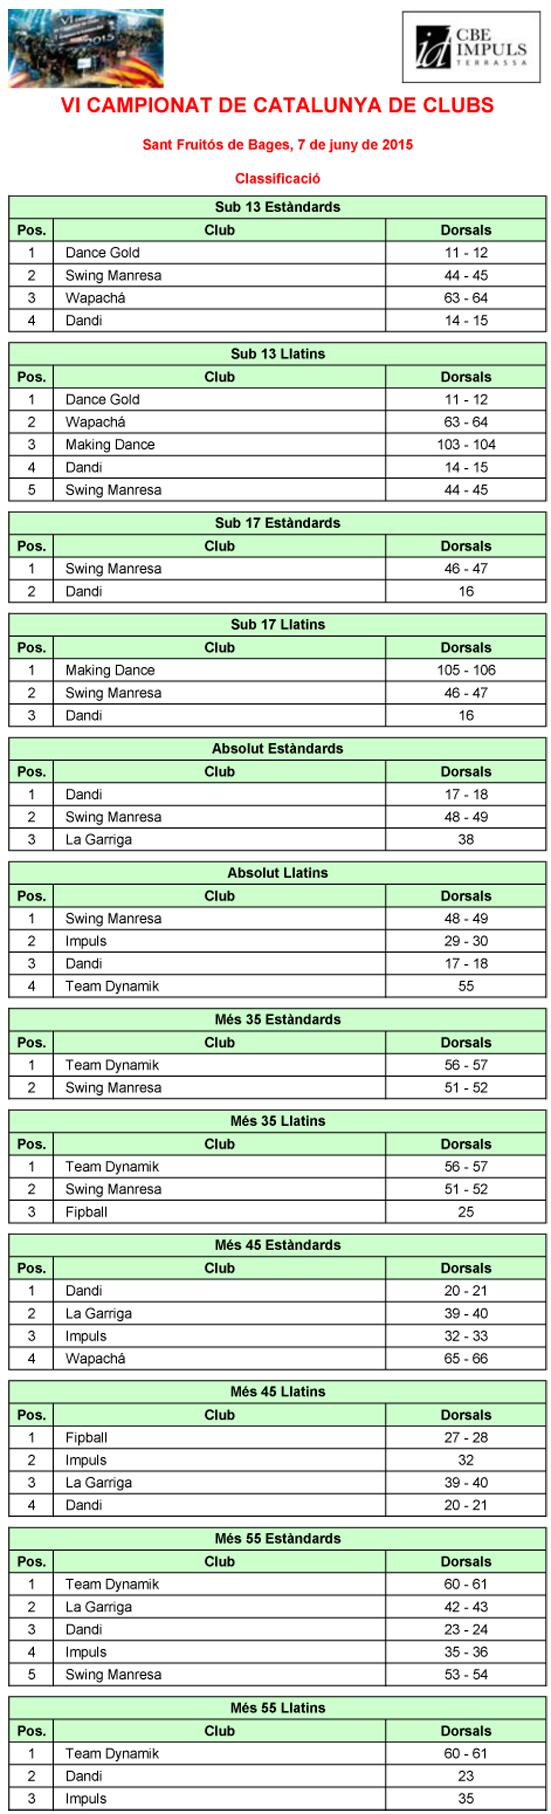 VI Campionat de Catalunya de Clubs 2015. Resultats  | Federació Catalana de Ball Esportiu